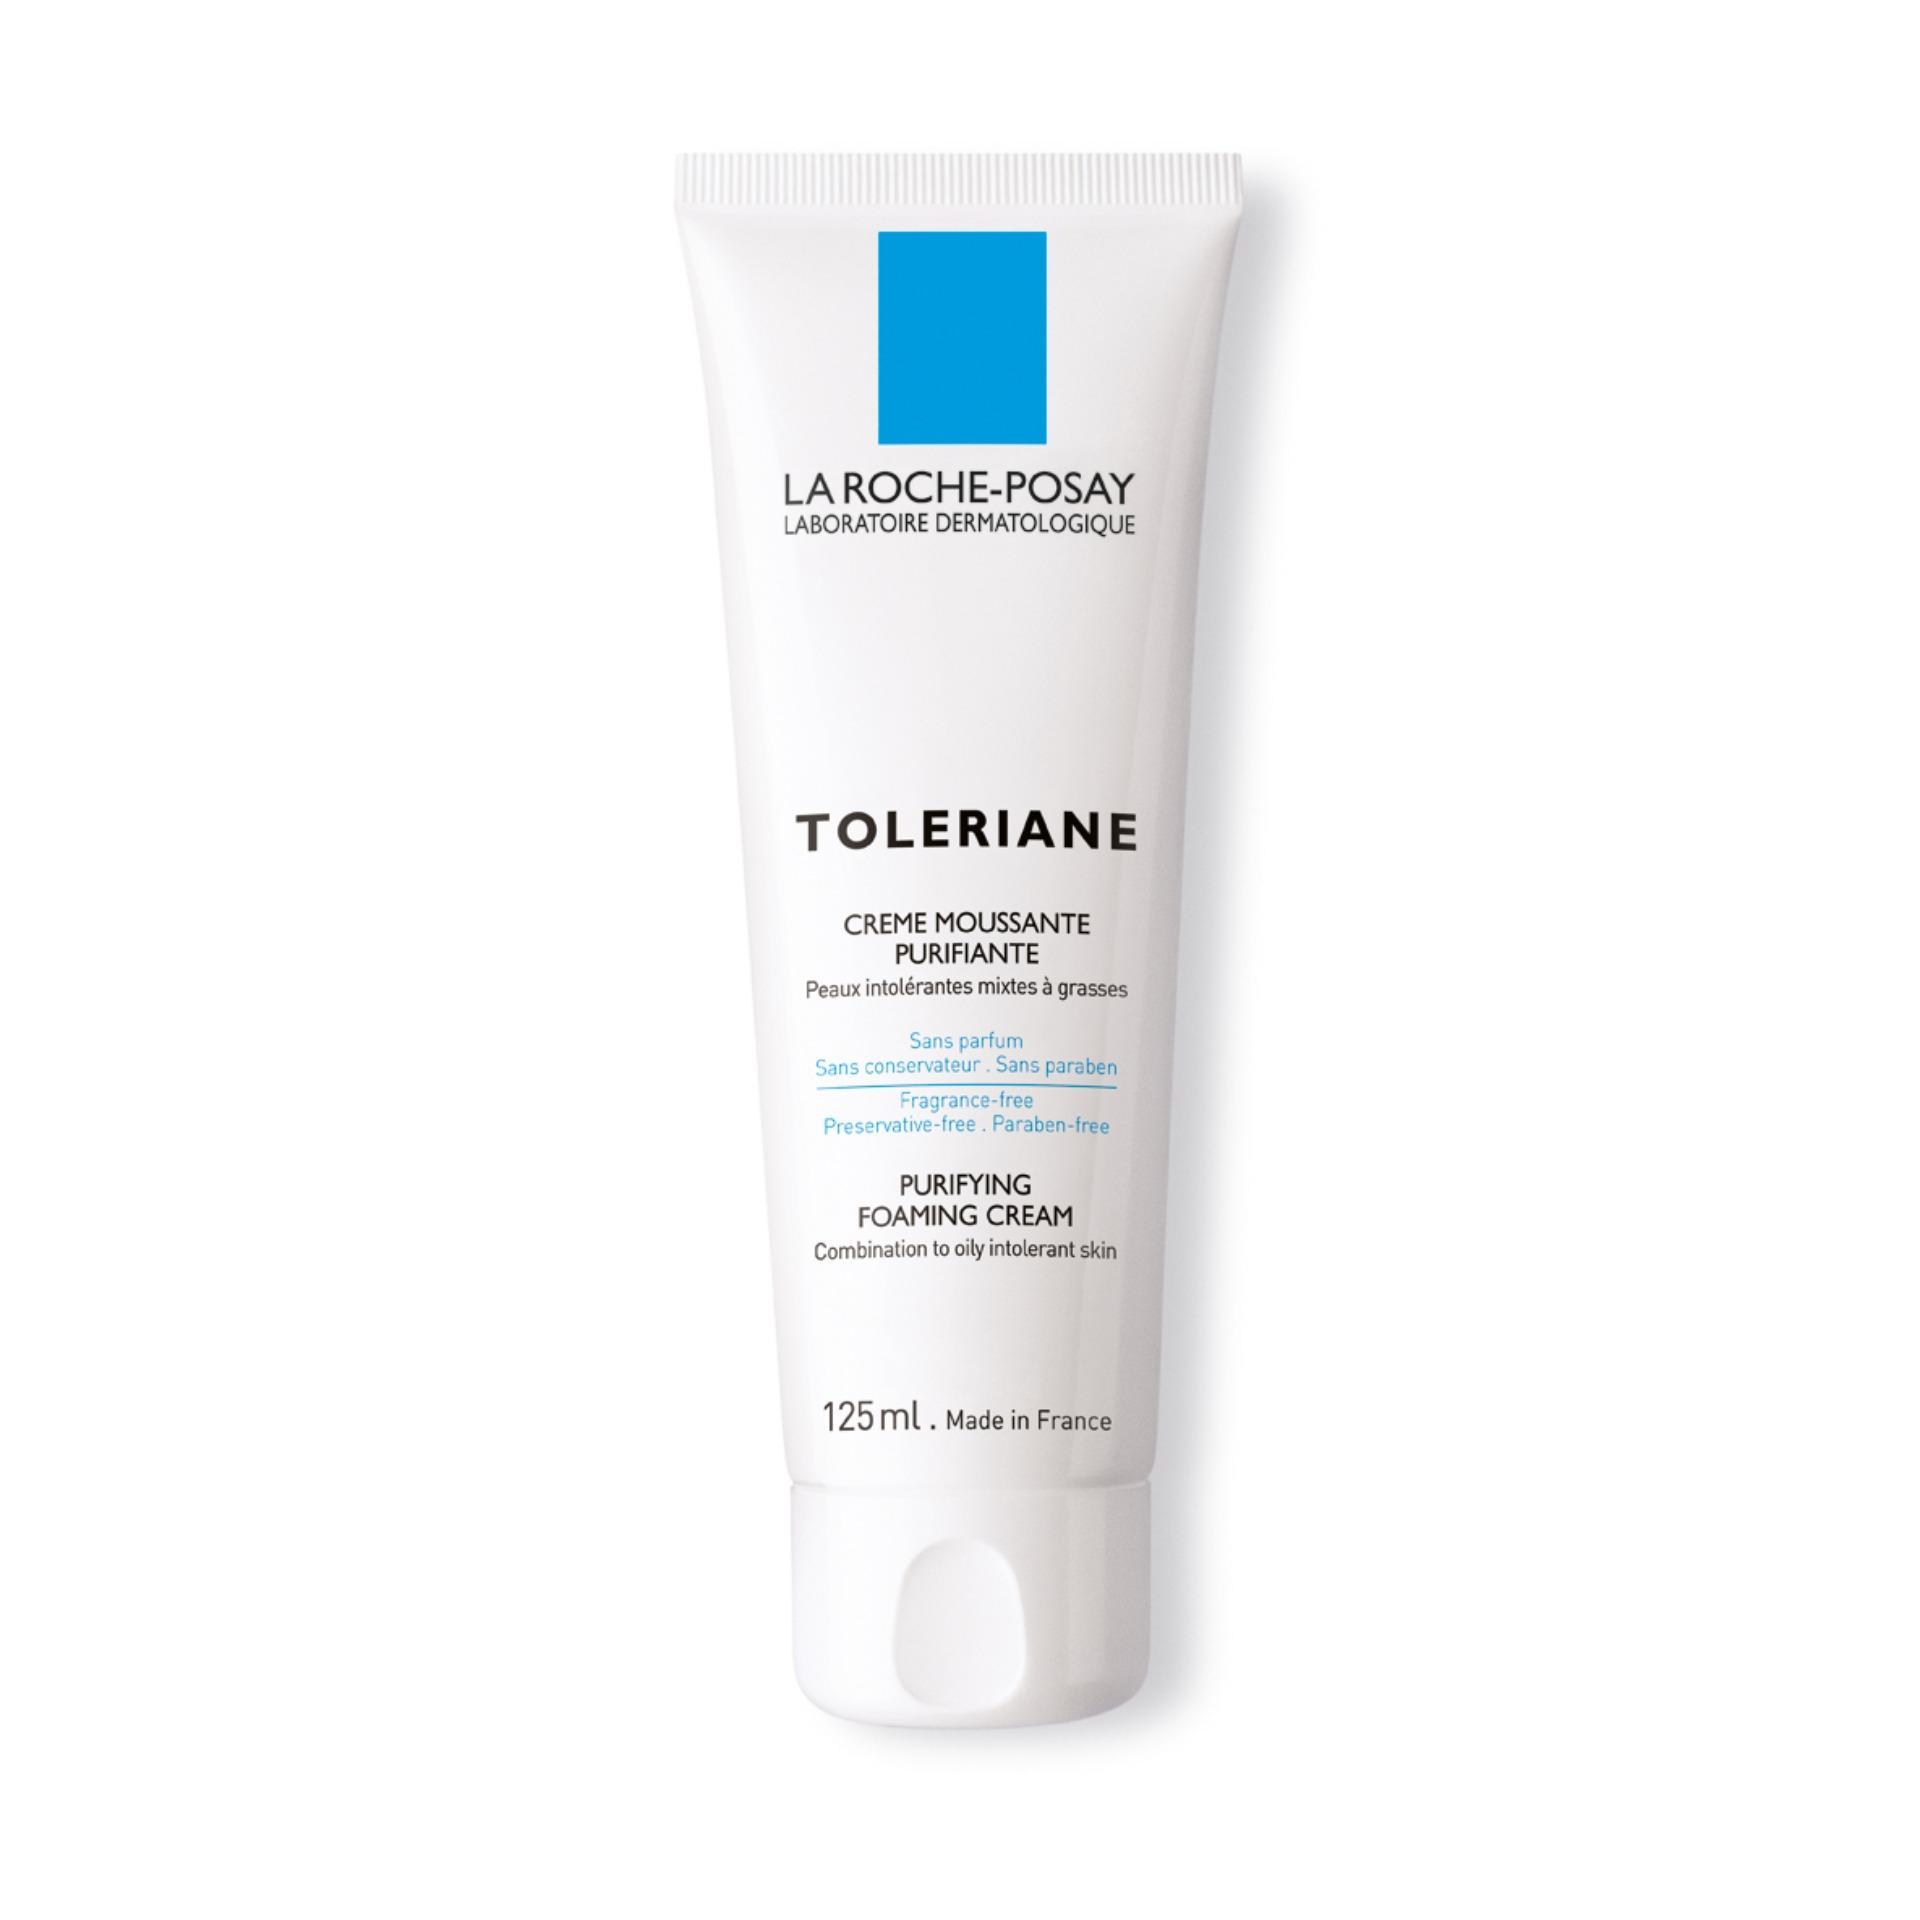 La Roche Posay Sữa Rửa Mặt Dành Cho Da Nhạy Cảm Toleriane Purifying Foaming Cream 125ml tốt nhất